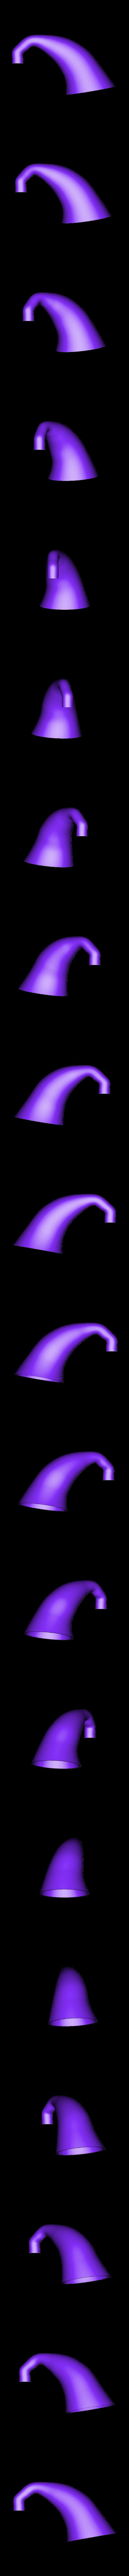 horn_3.stl Download free STL file Echo Dot Holder • 3D printable design, coastermad